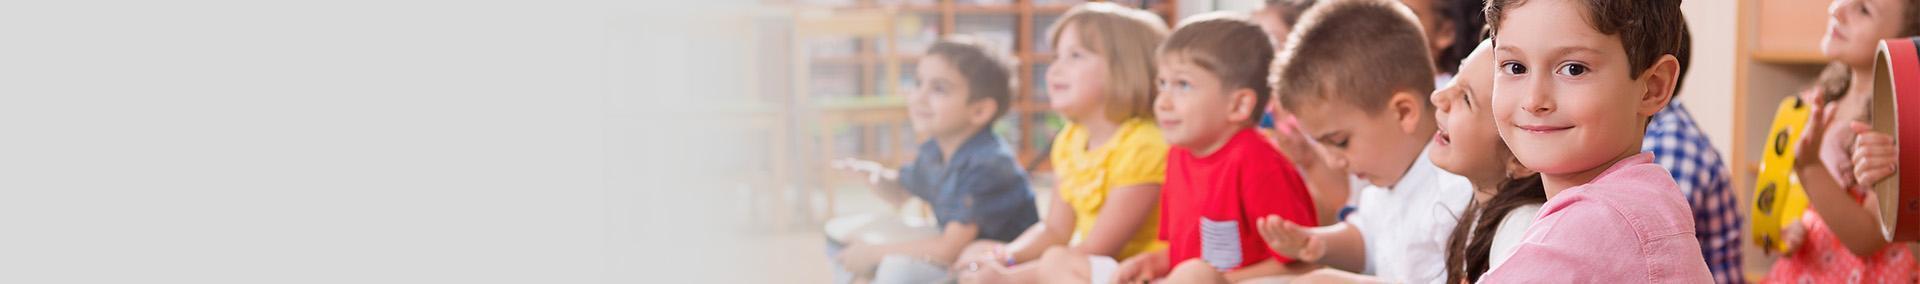 grupa przedszkolna dzieci